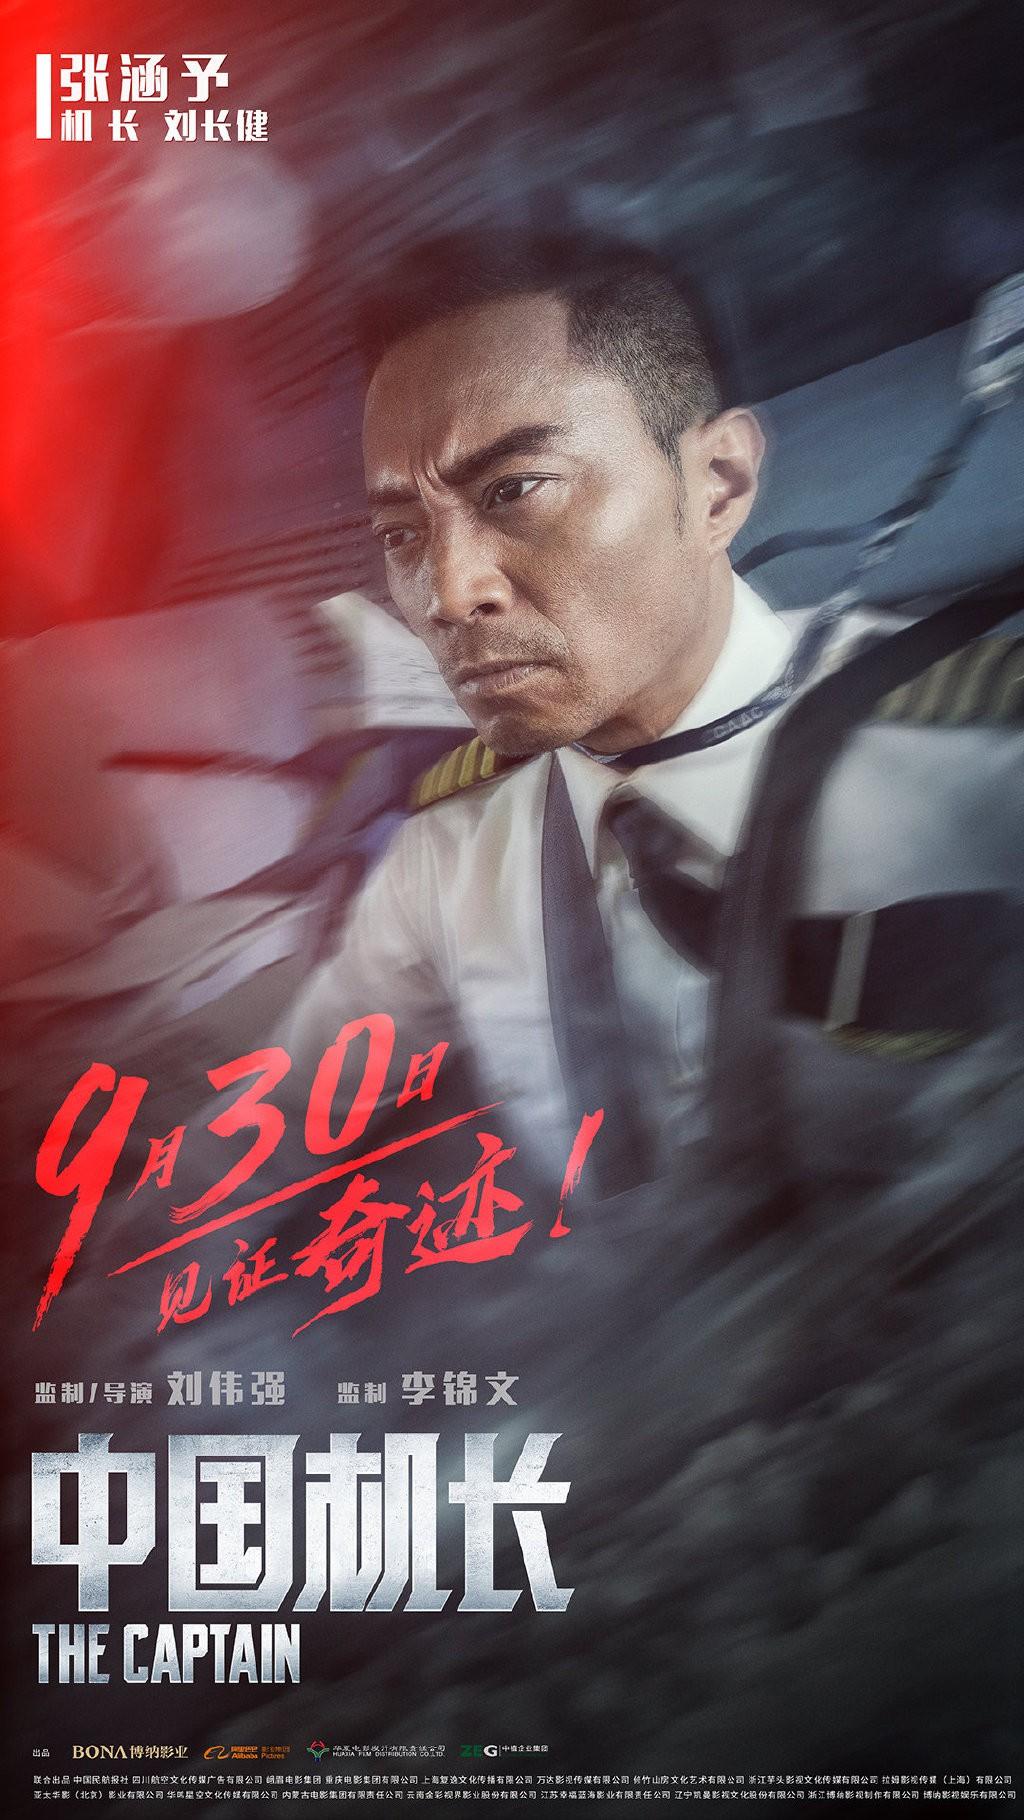 《中国机长》《攀登者》密钥延期 将上映至11月底